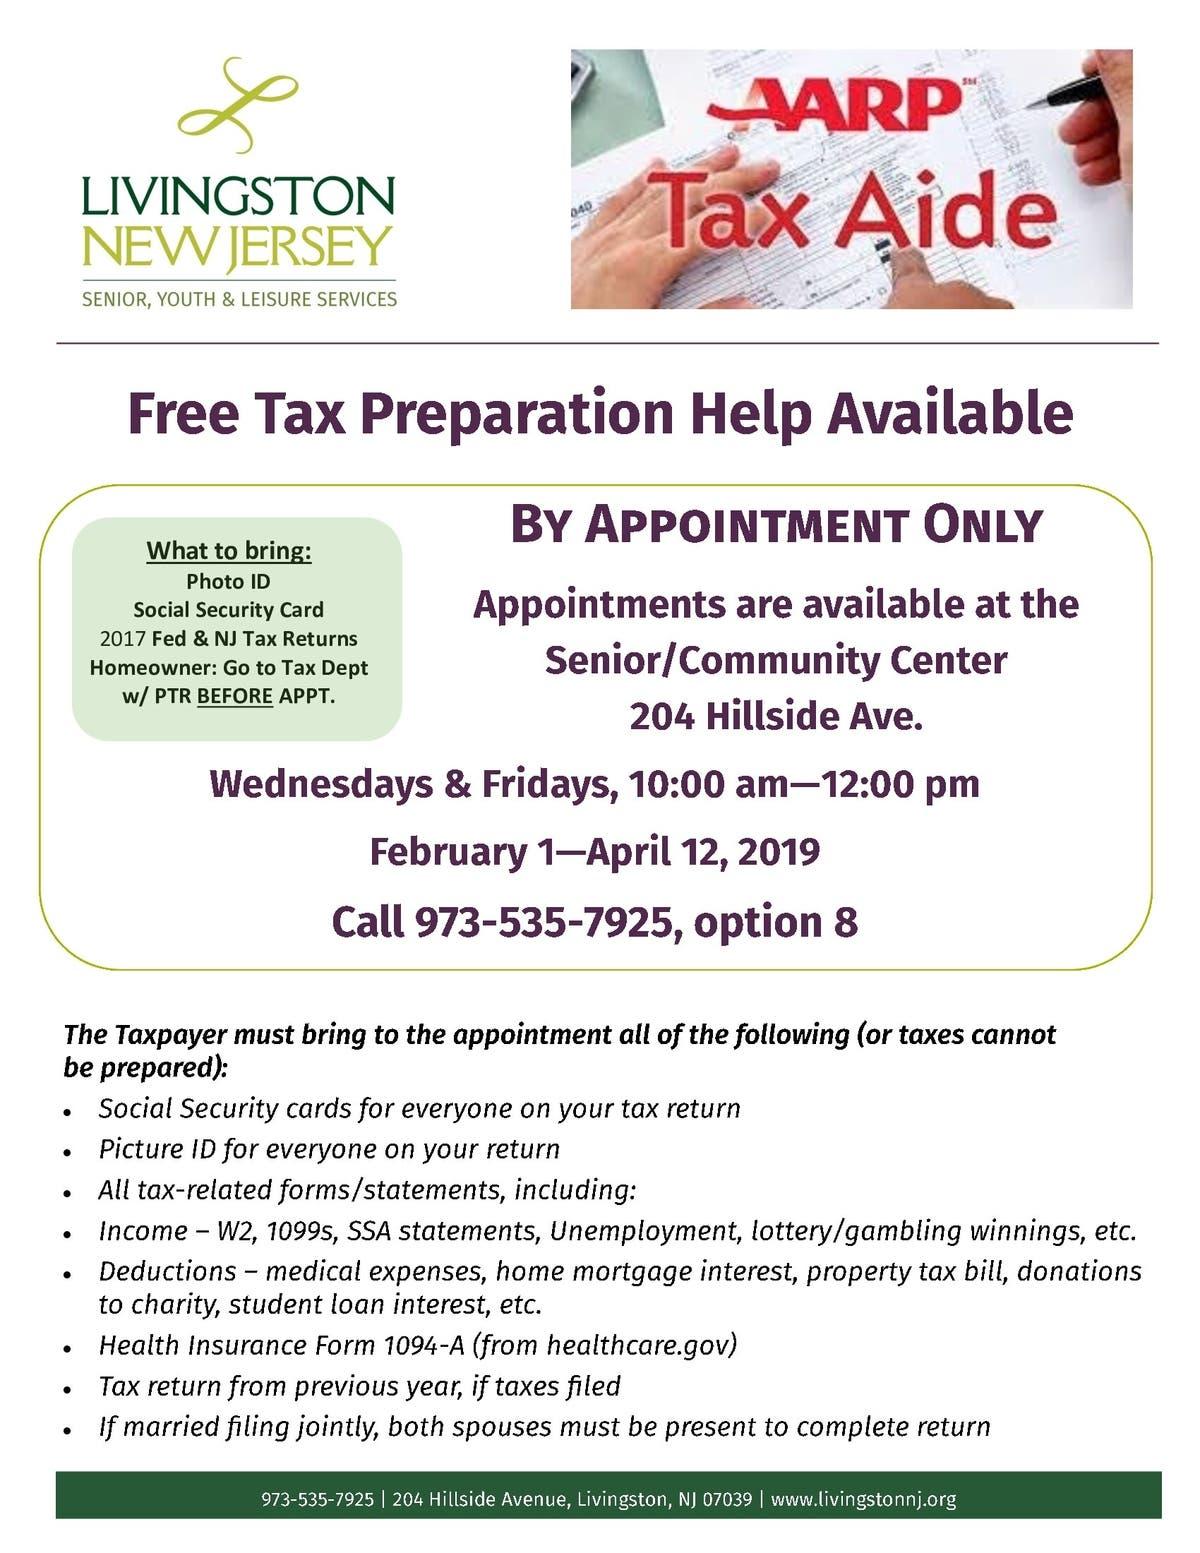 Free Tax Prep At Livingston Senior/Community Center For 2019